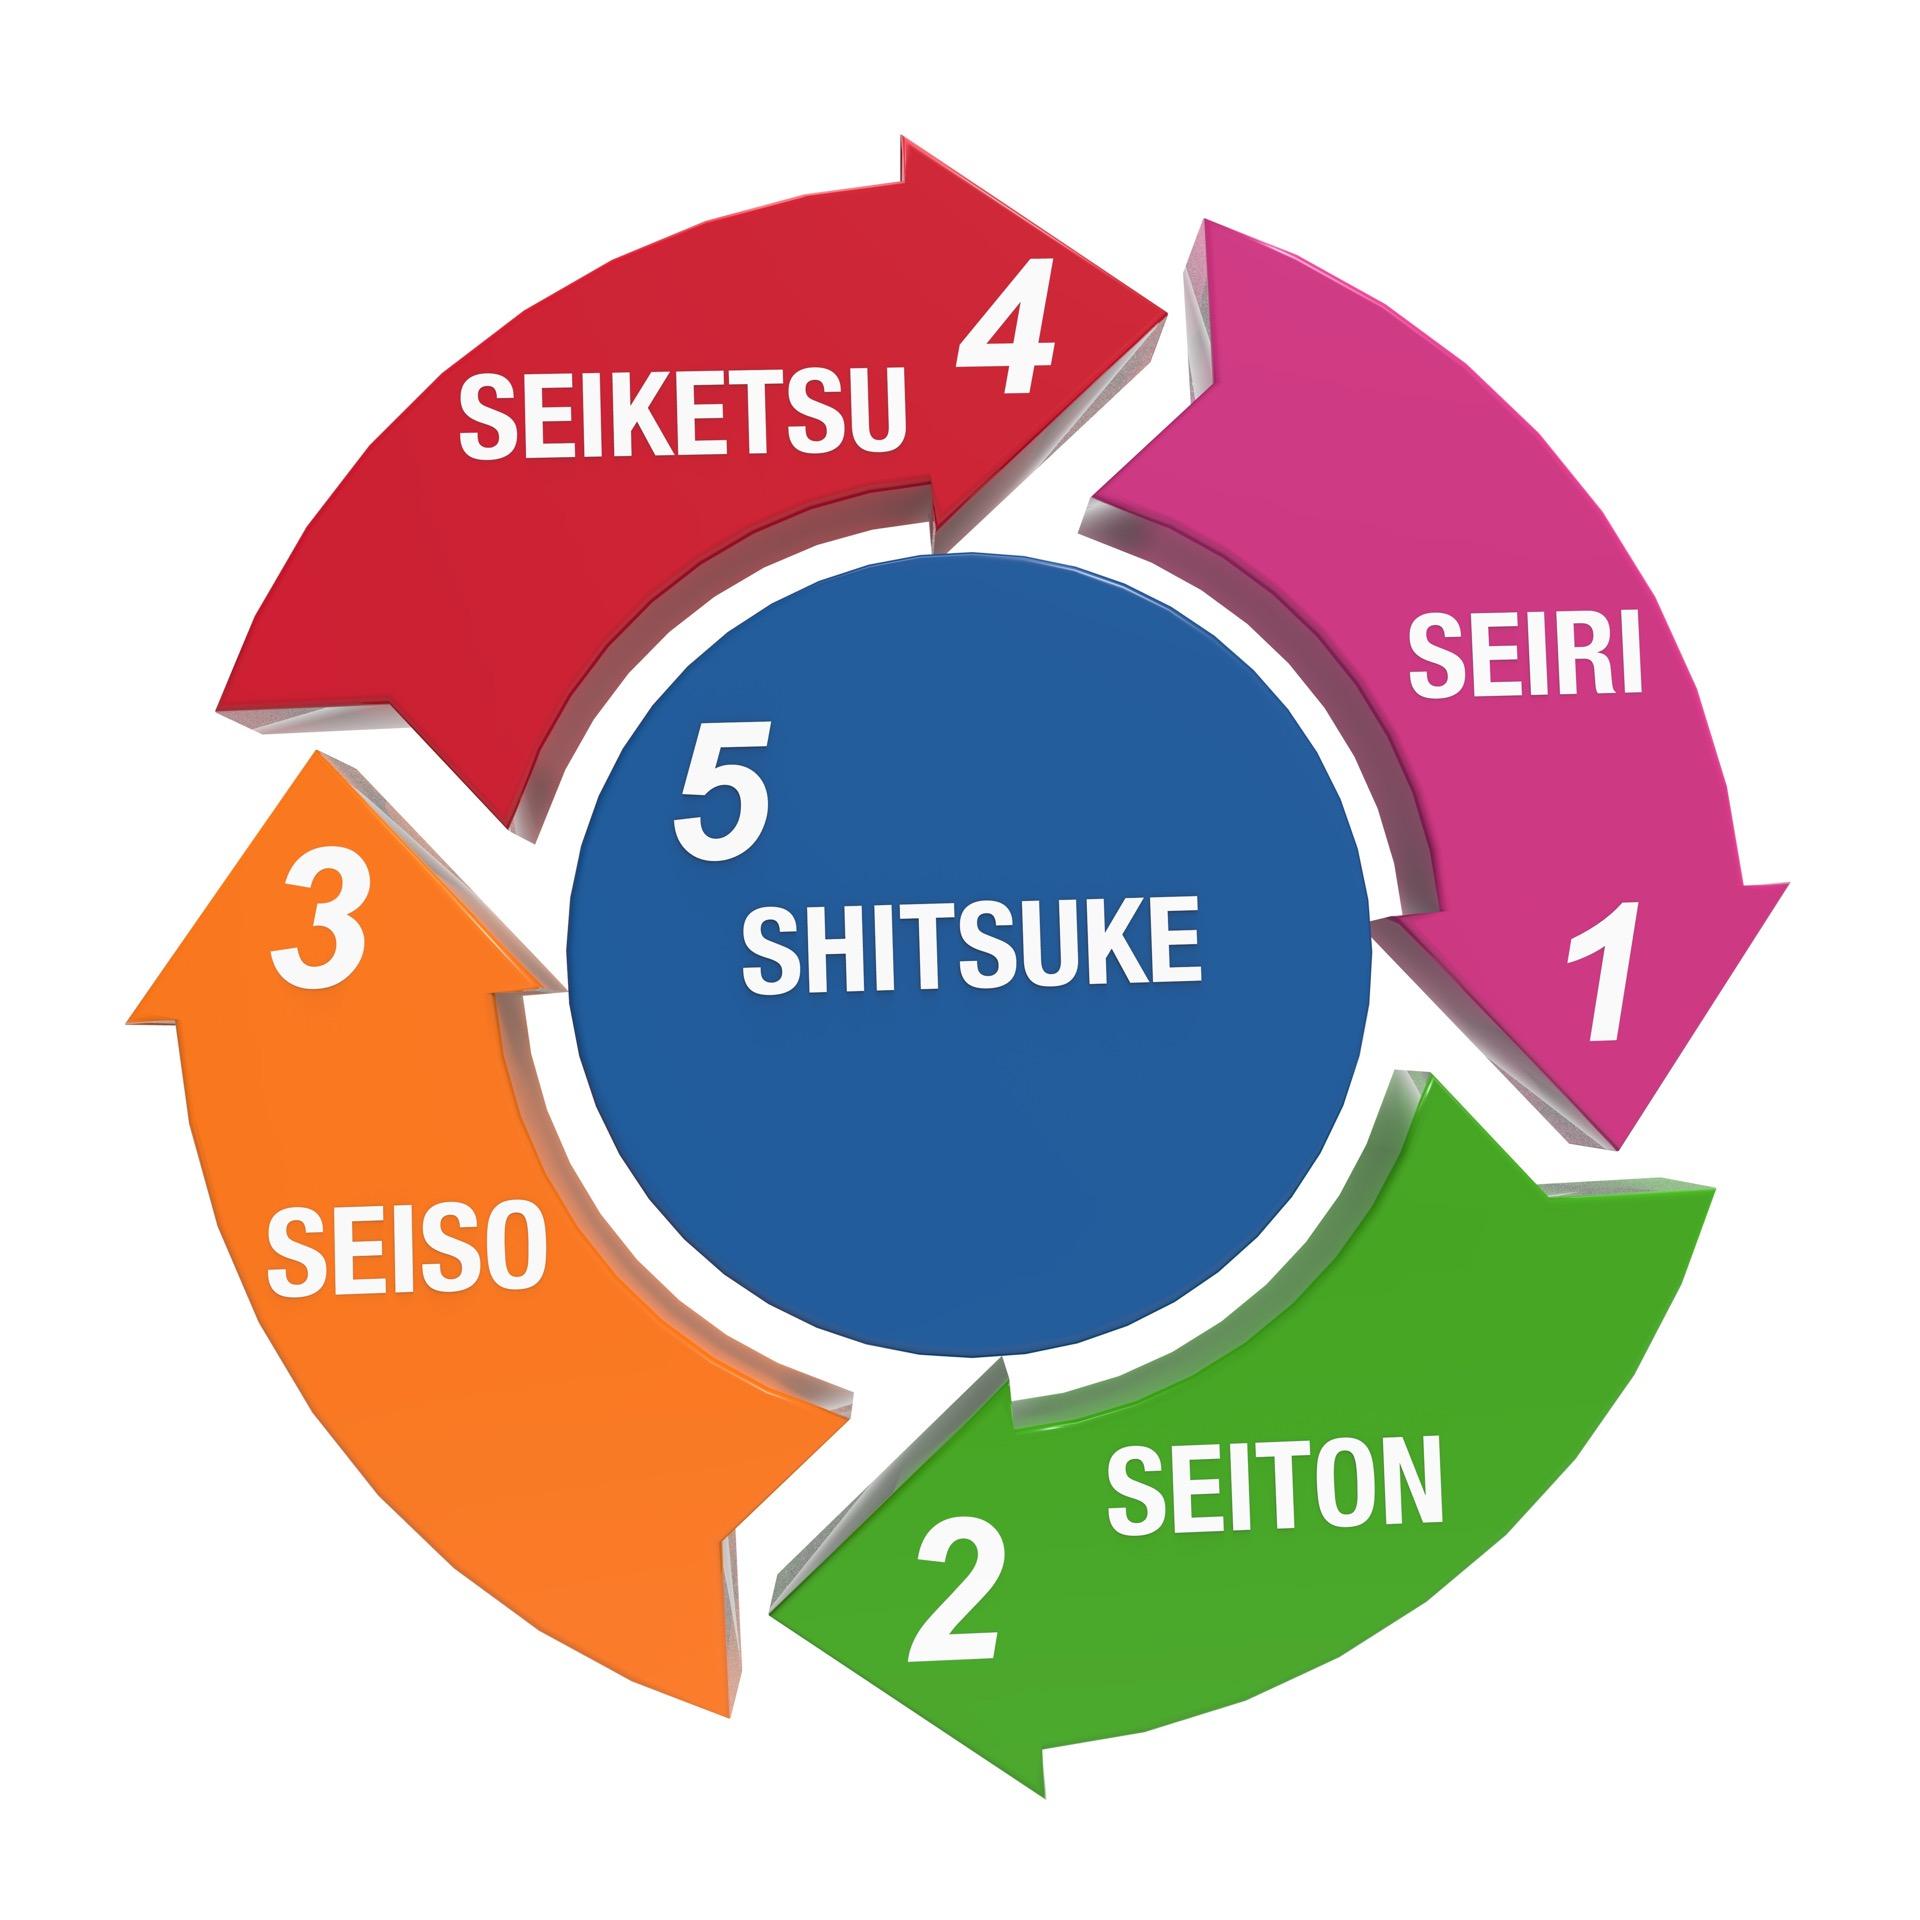 Seiri (Clasificación), Seiton (Orden), Seiso (Limpieza), Seiketsu (Estandarización) y Shitsuke (Disciplina), los pilares del método de las 5S japonés.